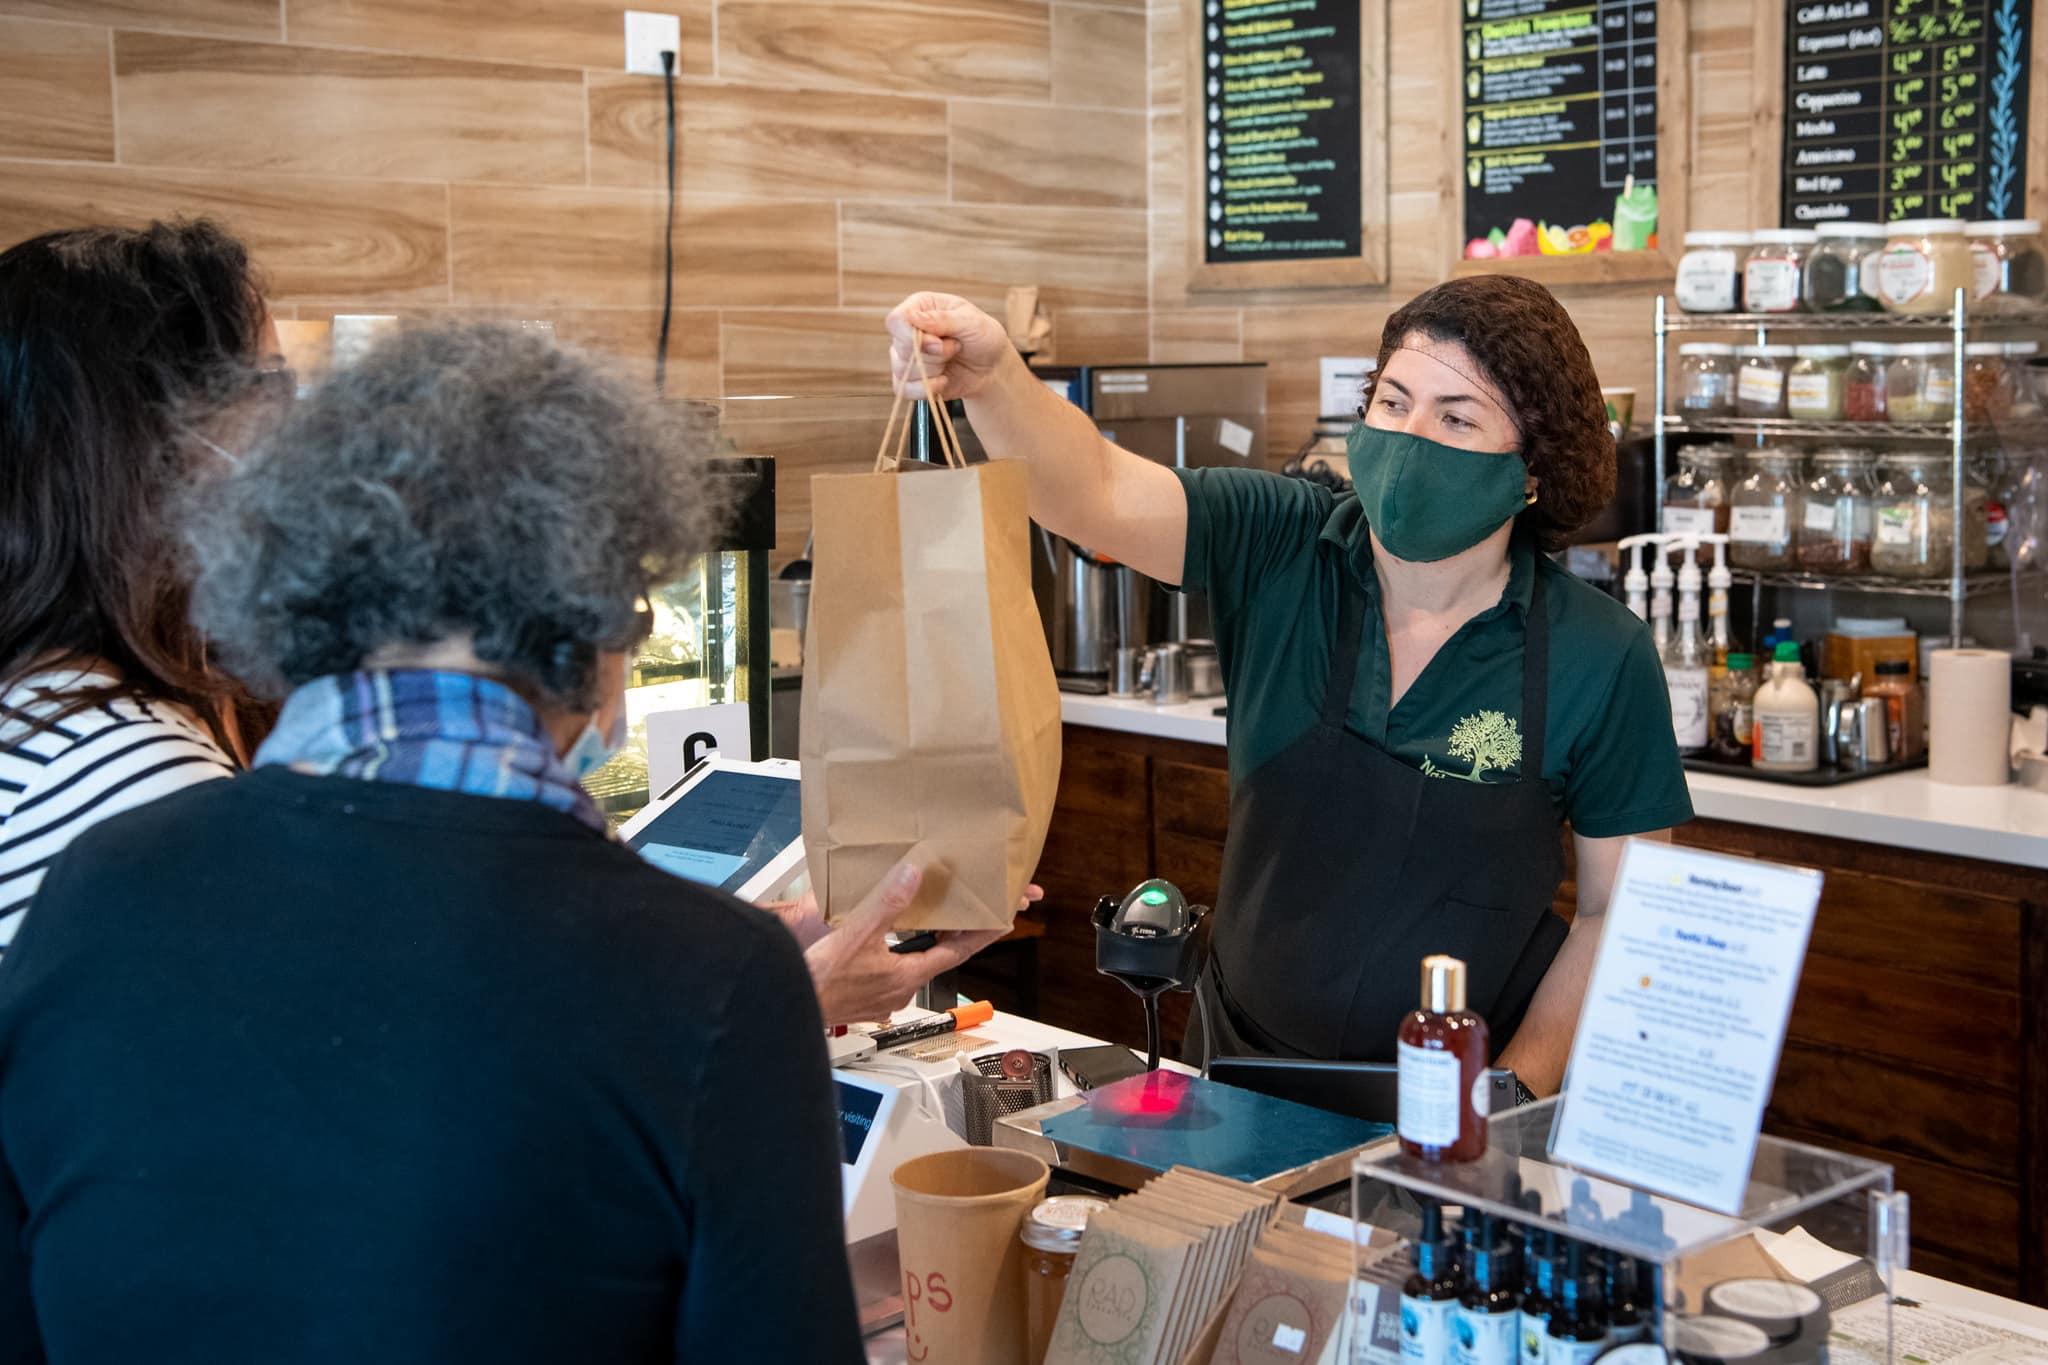 A server hands a customer a bag of food